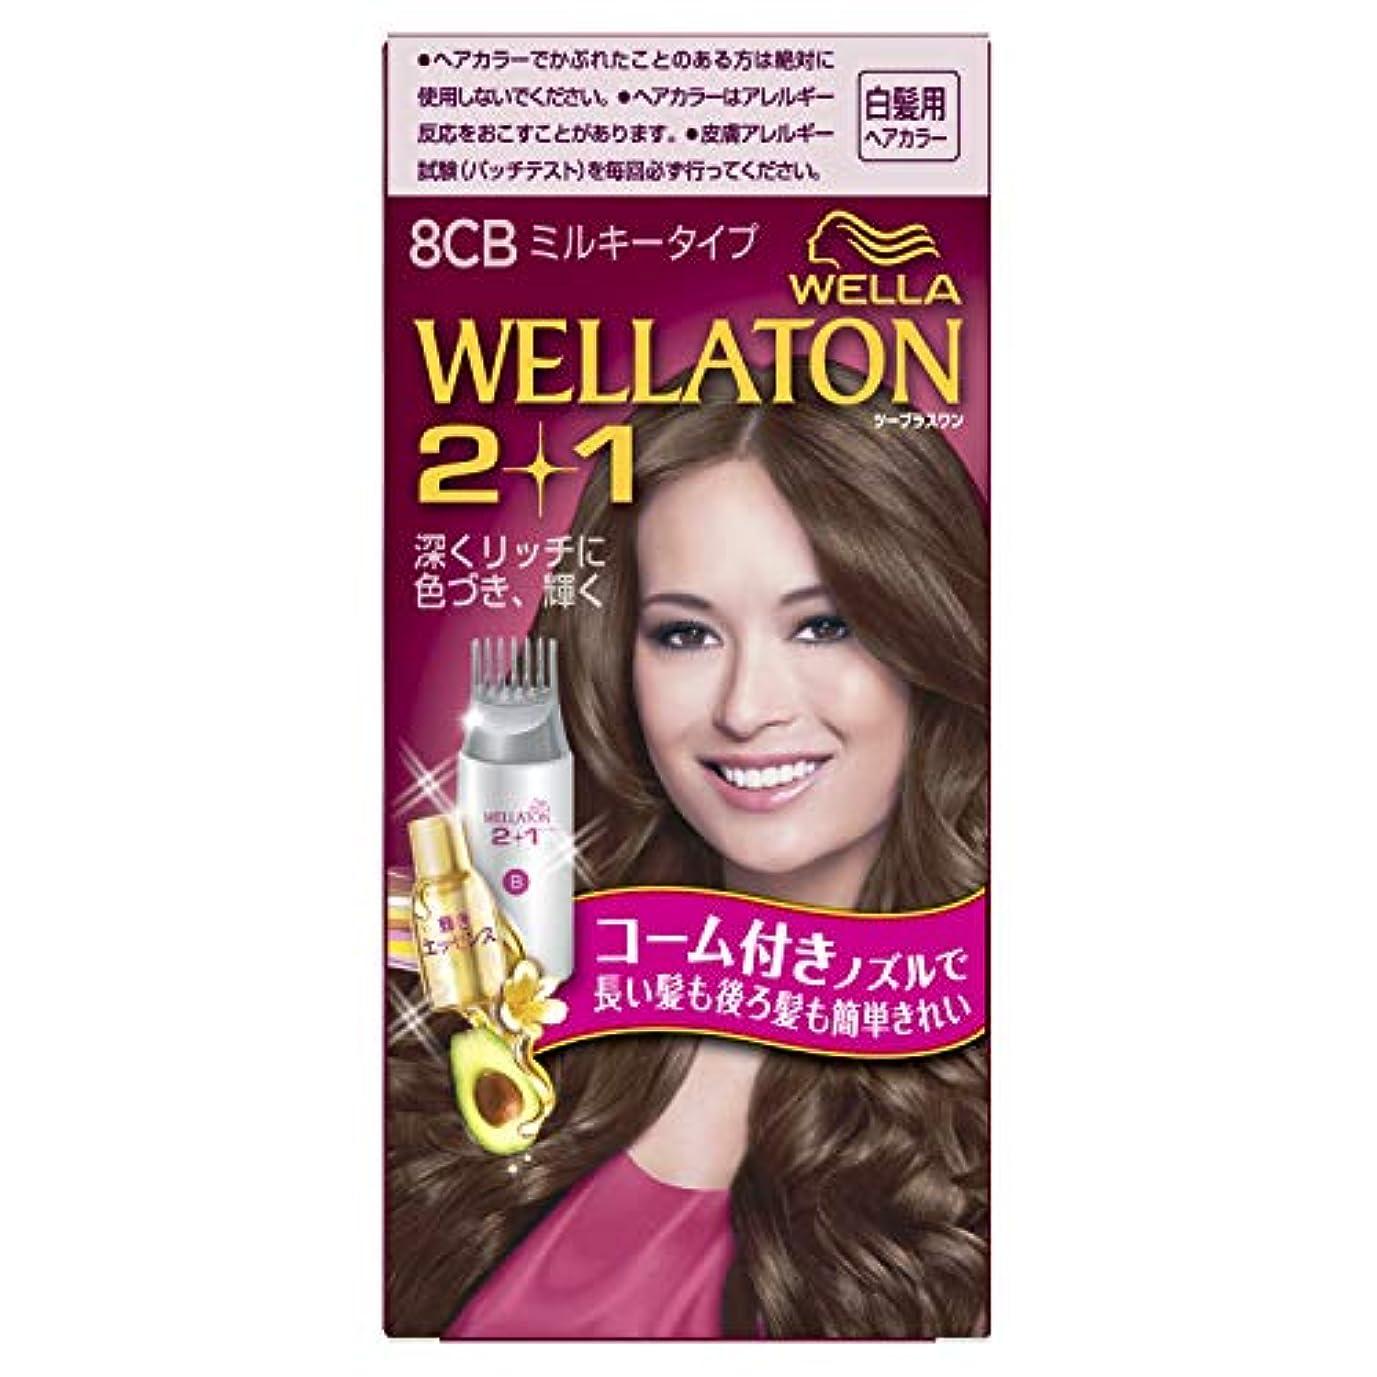 【医薬部外品】ウエラトーン 2+1 ミルキー EX 8CB より明るいナチュラルブラウン(おしゃれな白髪染め) 60g+60ml+5.5ml